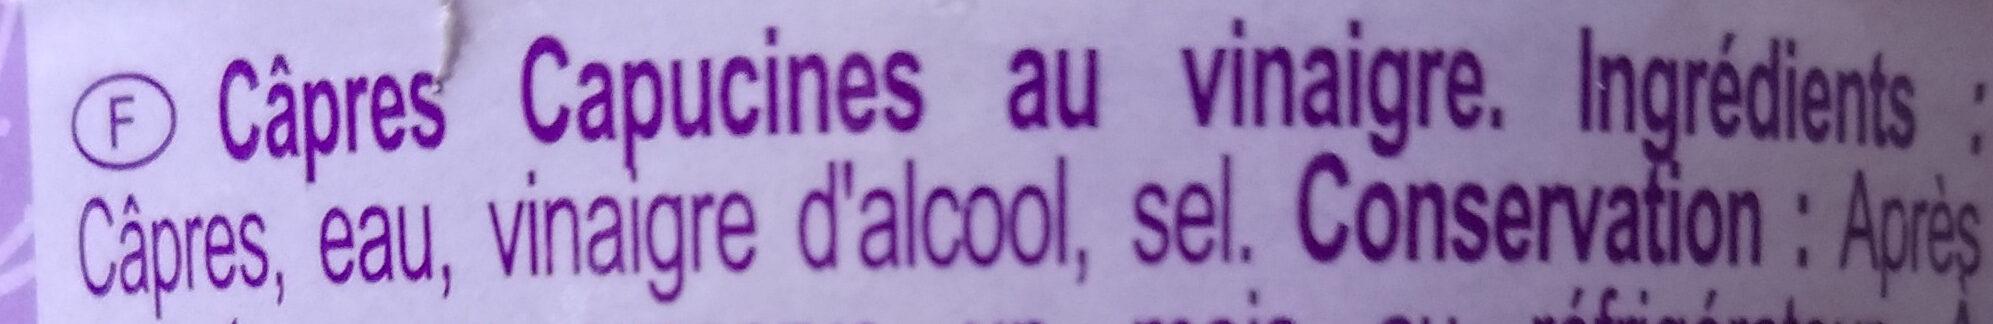 Câpres au Vinaigre - Ingredients - fr